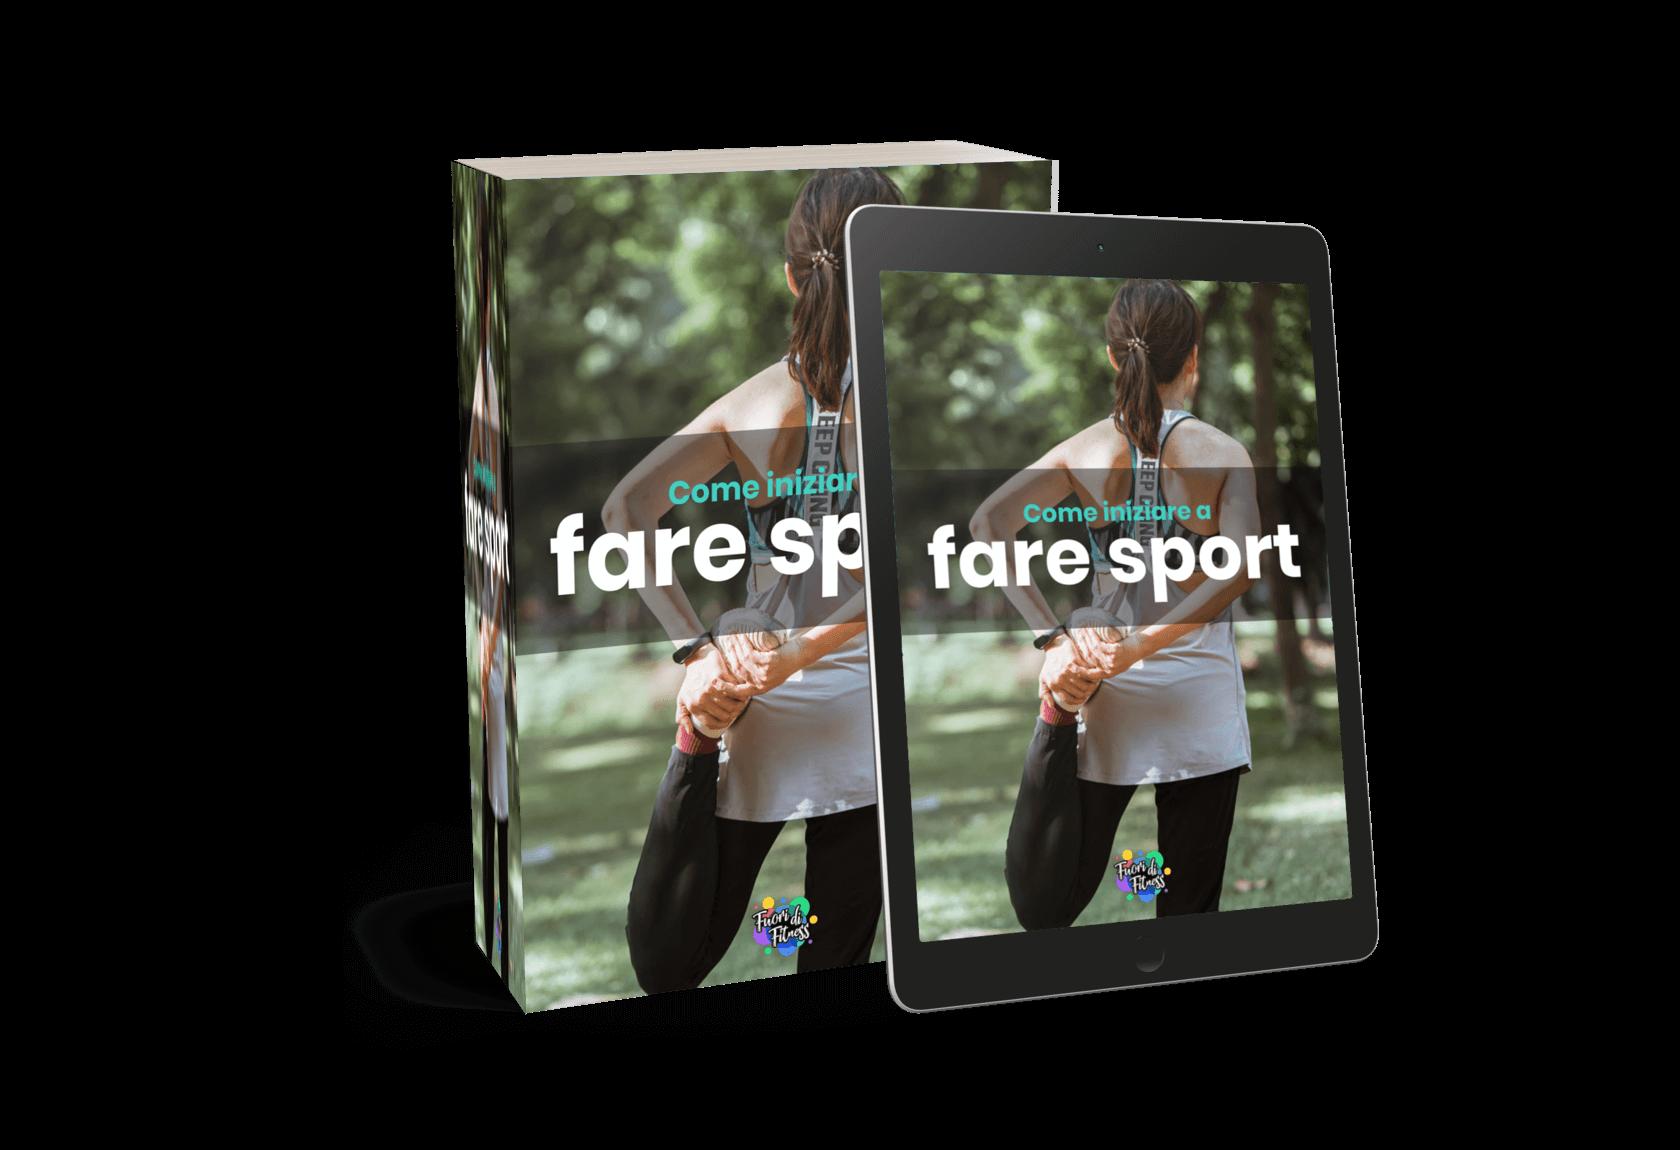 Come iniziare a fare sport - ebook gratuito che riceverai iscrivendoti alla newsletter di Fuori di Fitness